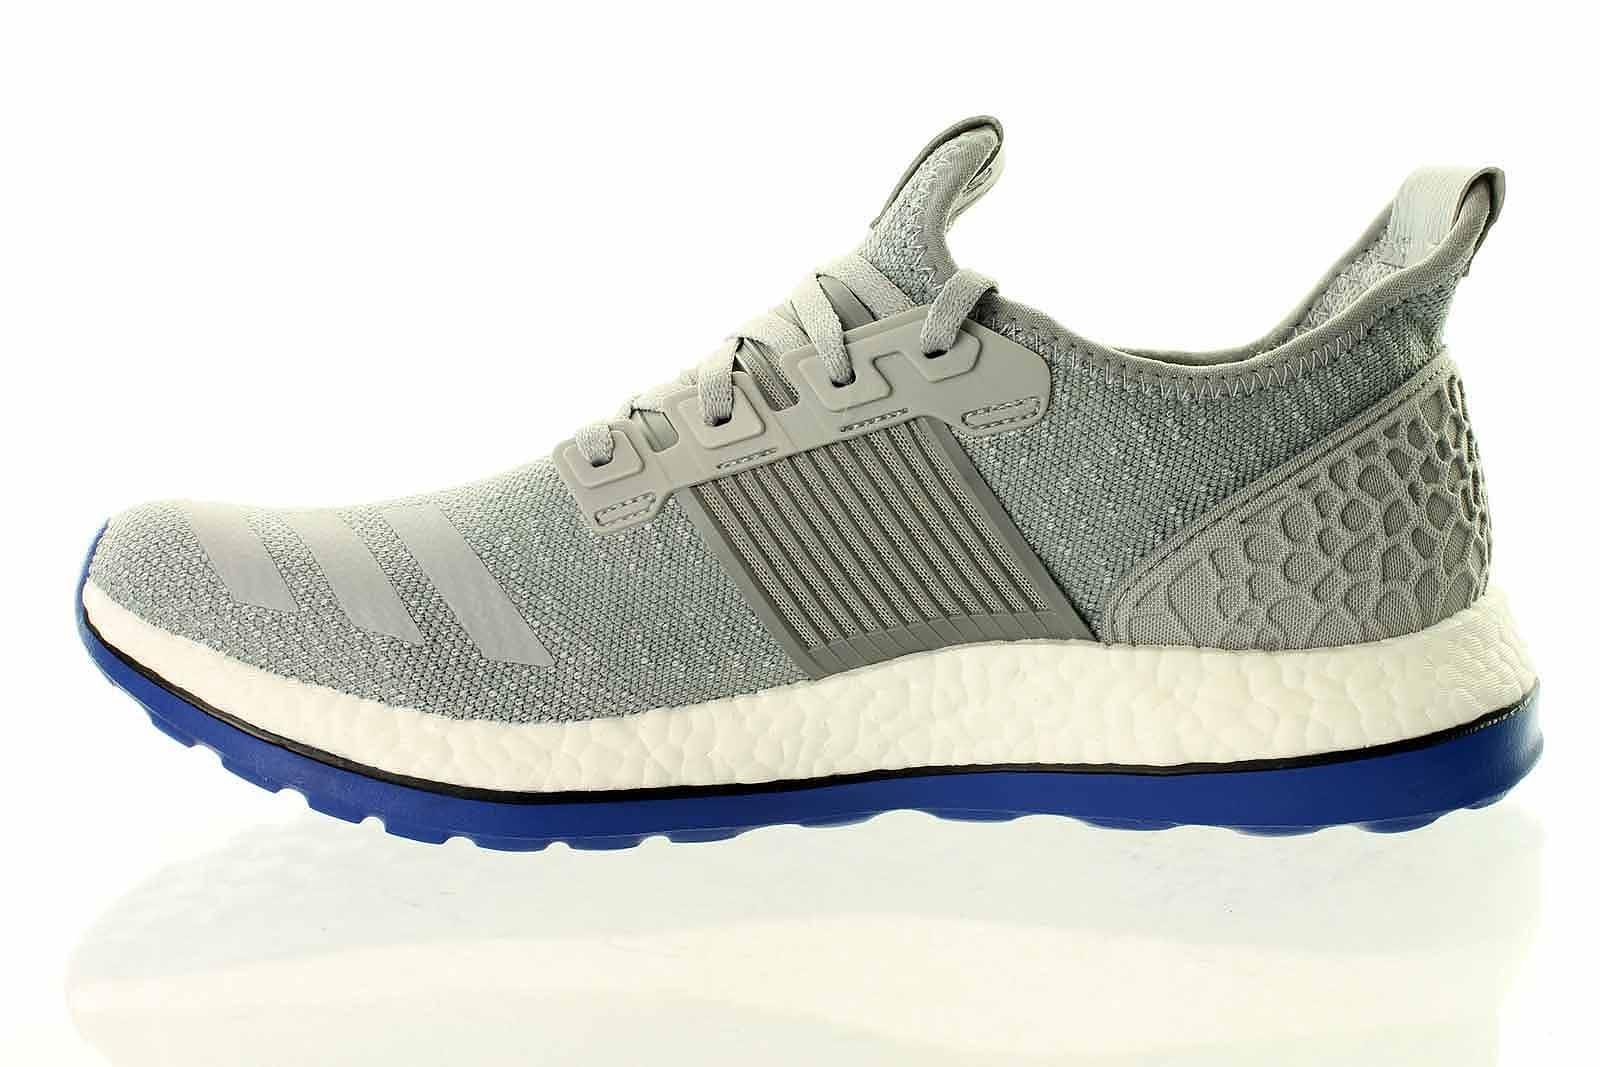 Adidas Puro Impulso Zg Mientras Que El 11 CFk0zd